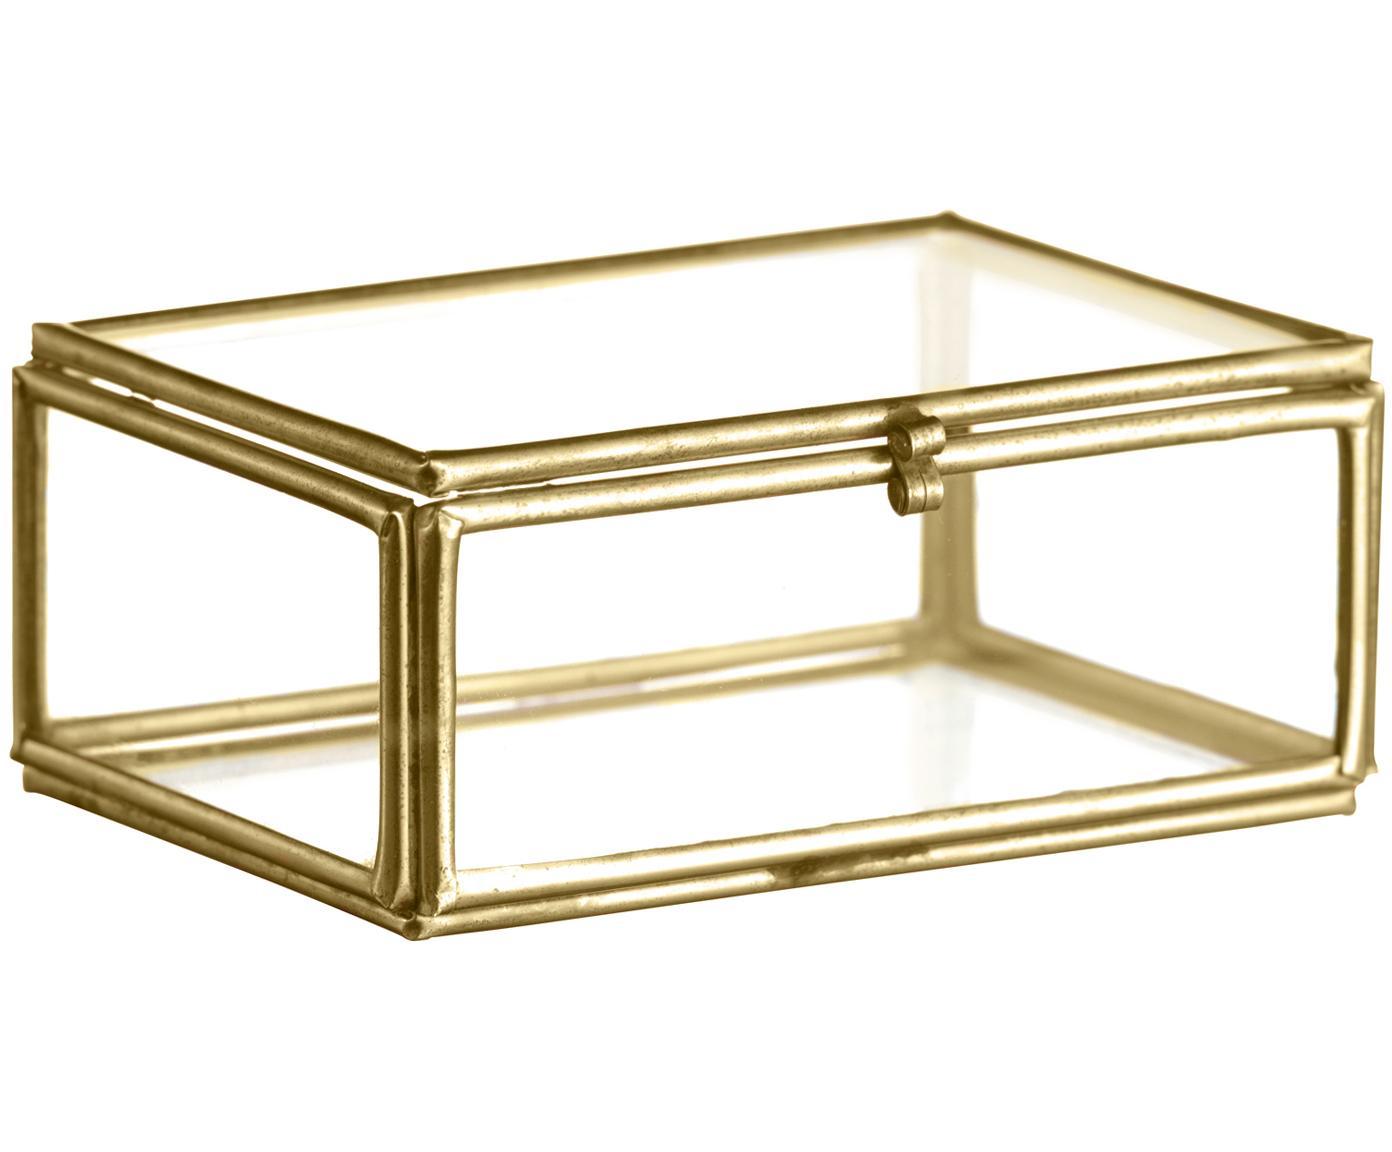 Pudełko do przechowywania Ivey, Odcienie mosiądzu, S 9 x W 4 cm